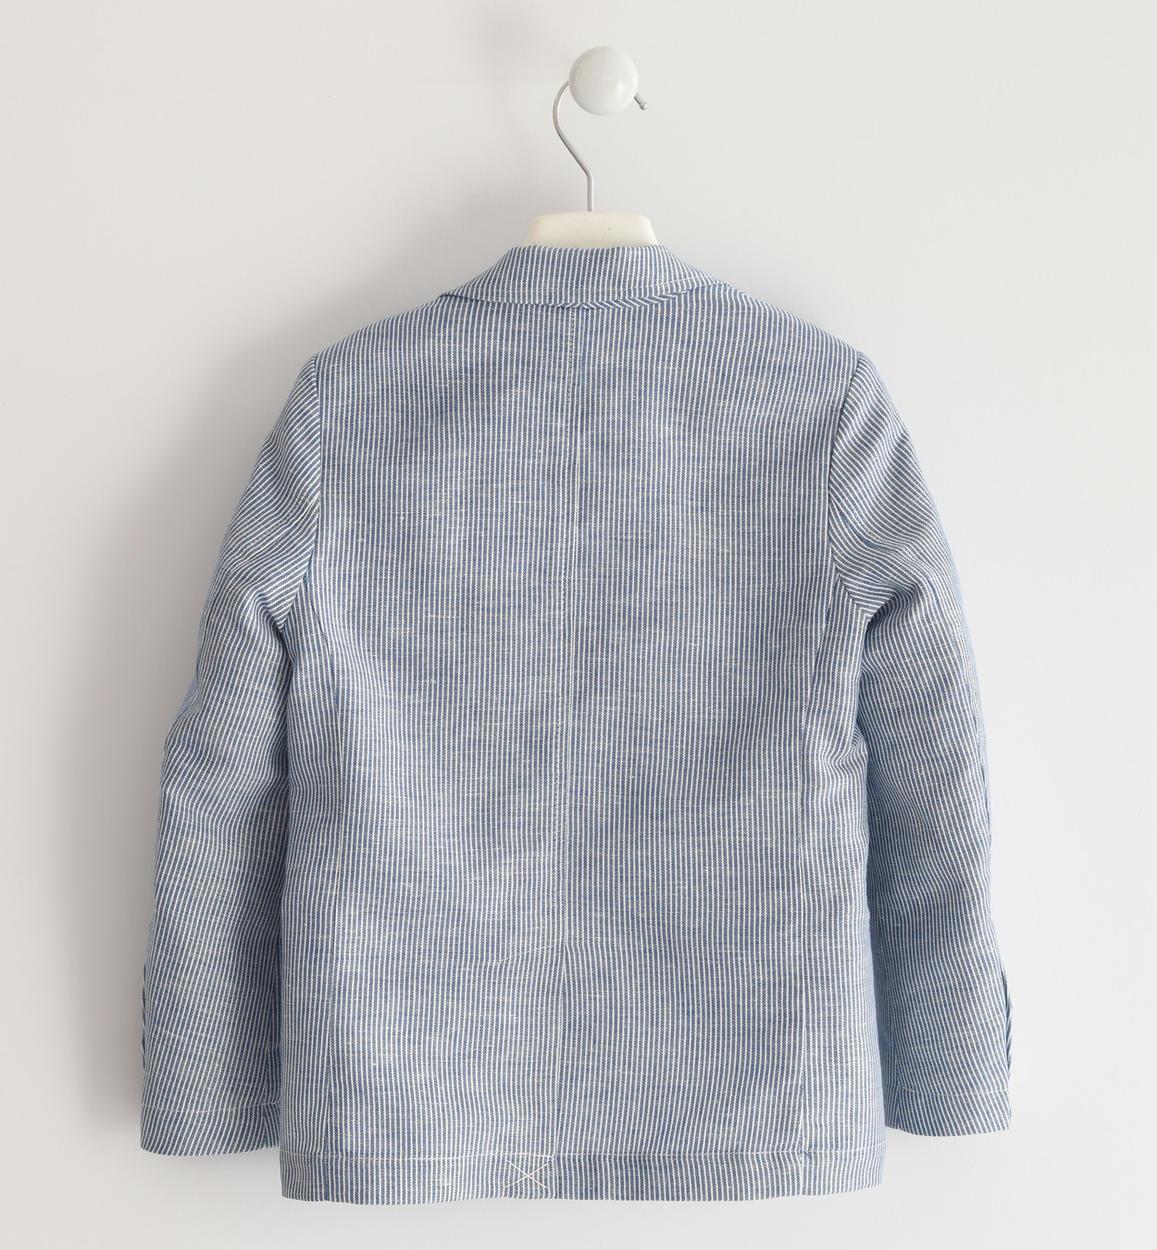 giacca in felpina fantasia micro pois pe avion dettaglio 03 2744j46100 3654 150x150